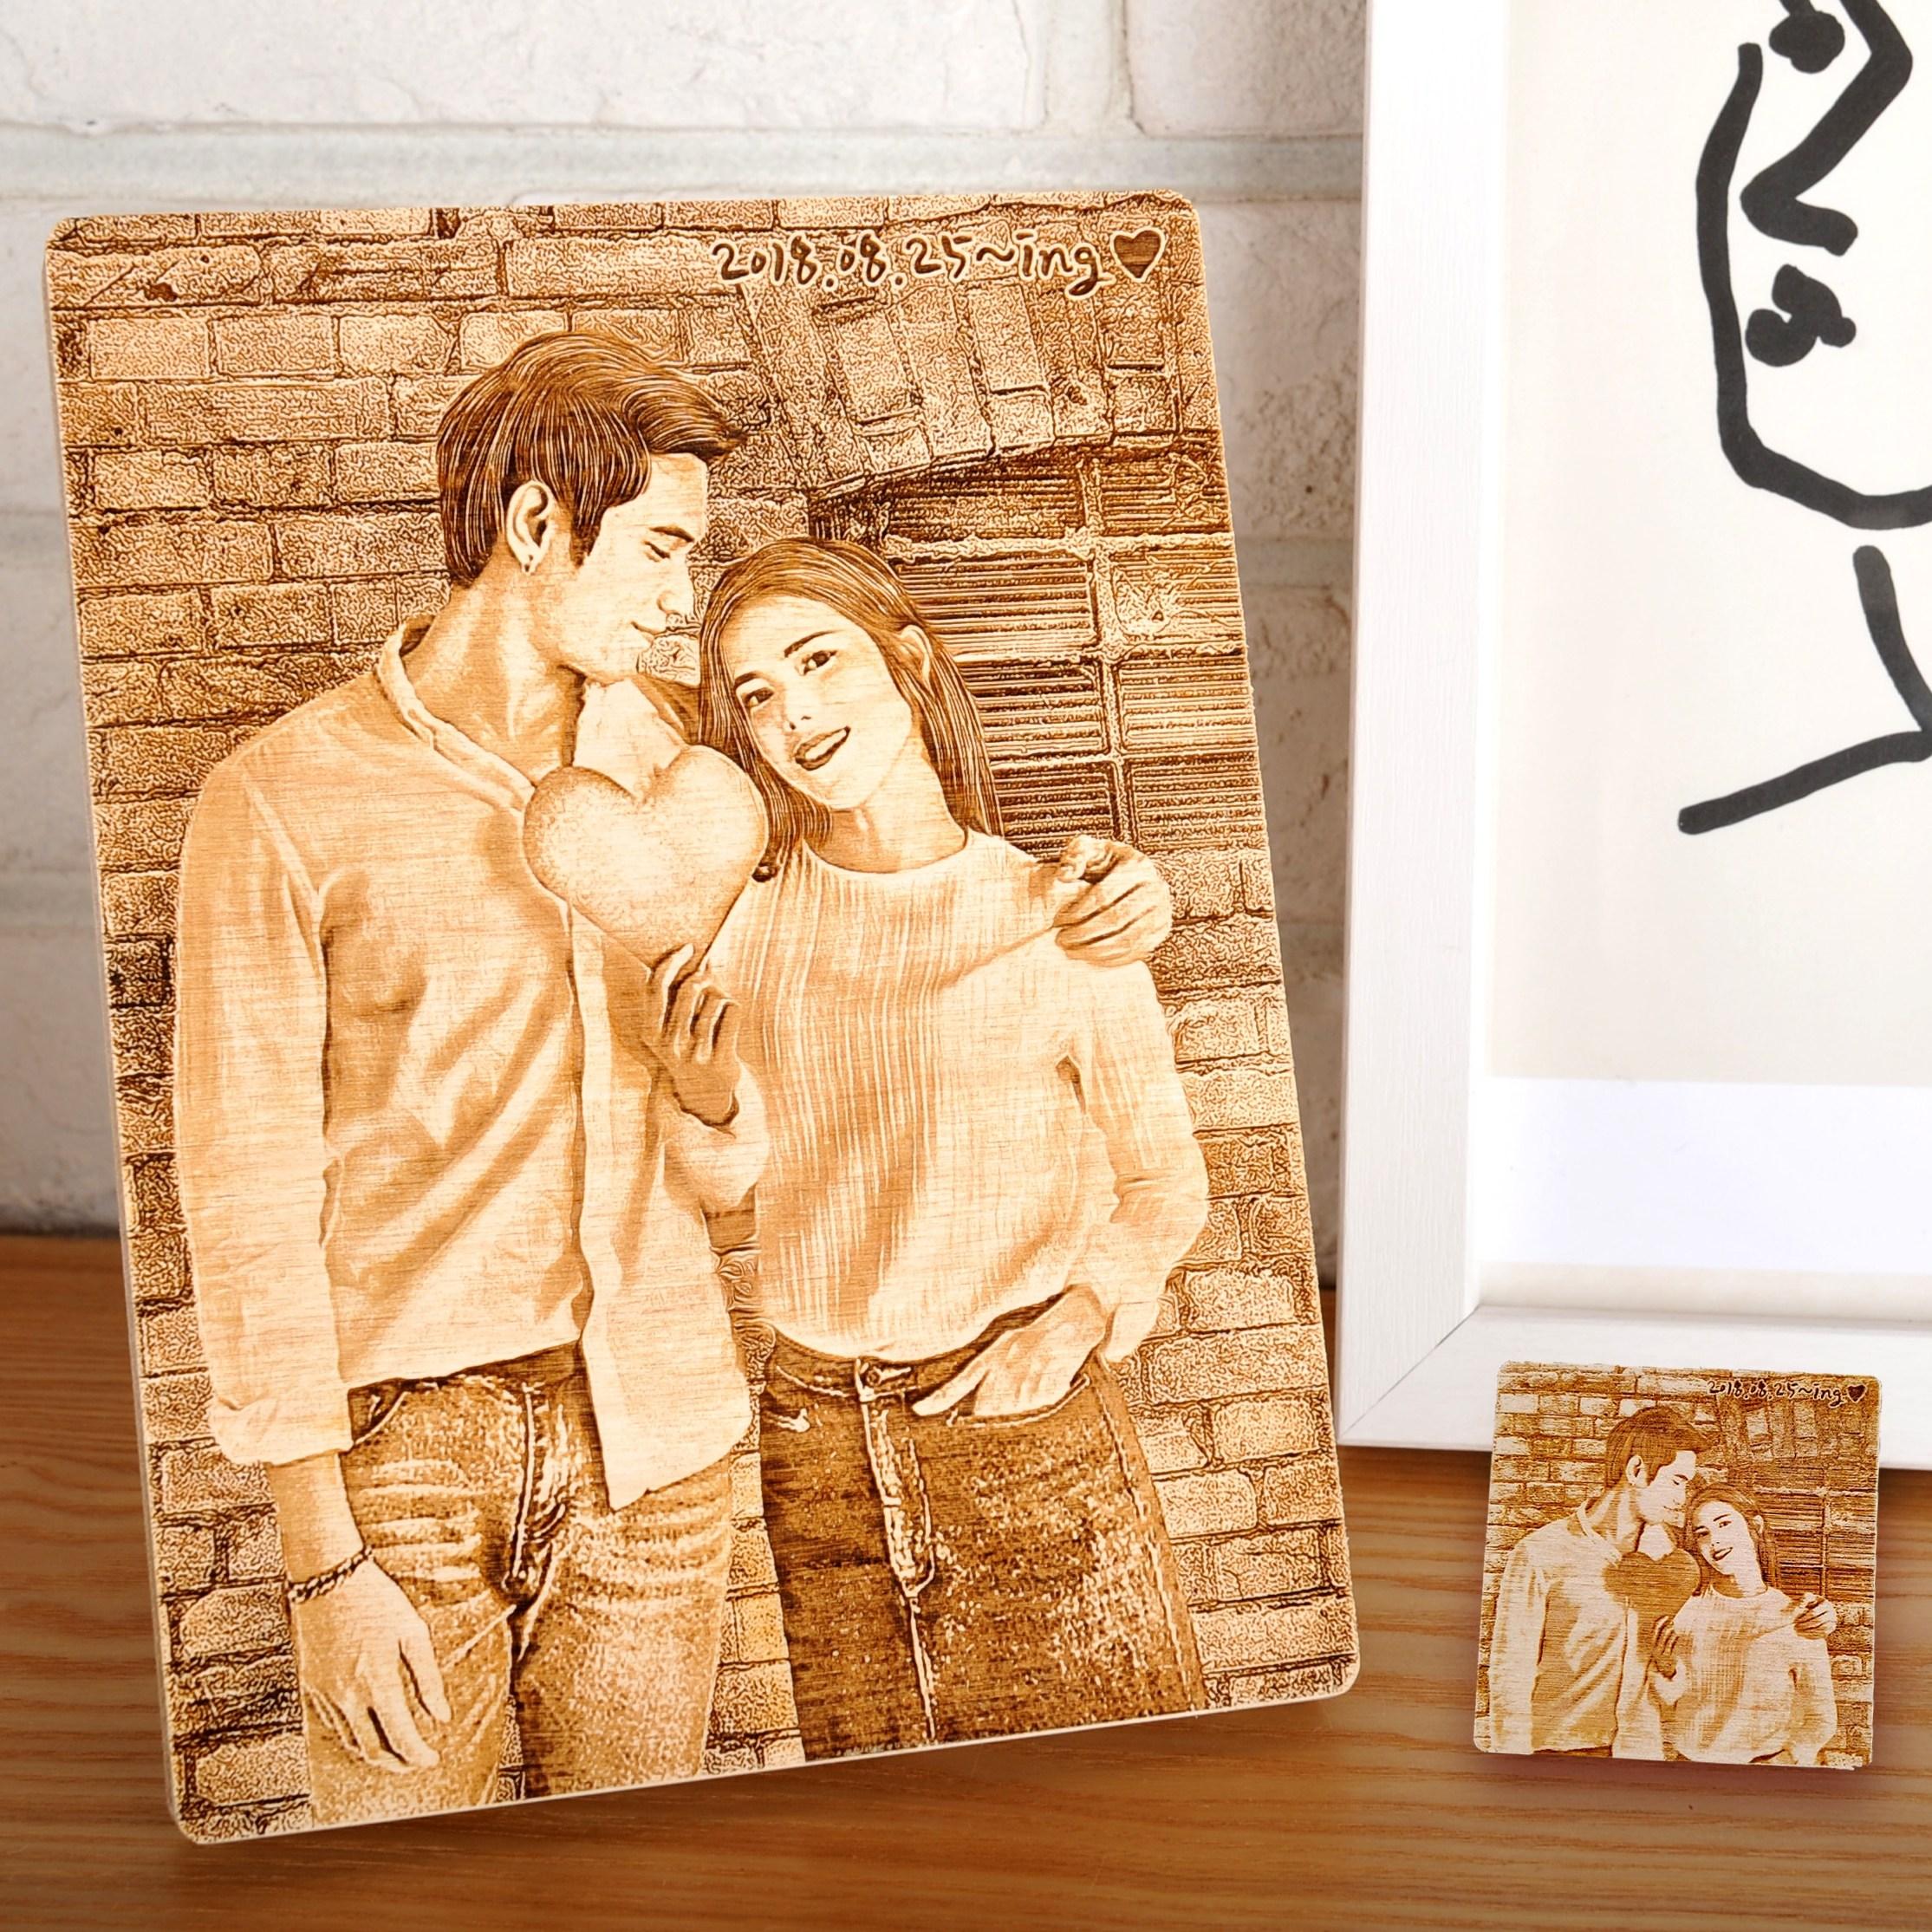 지거스 우드포토 주문제작 부모님생신 선물 기념일선물 센스있는 사진인화 액자